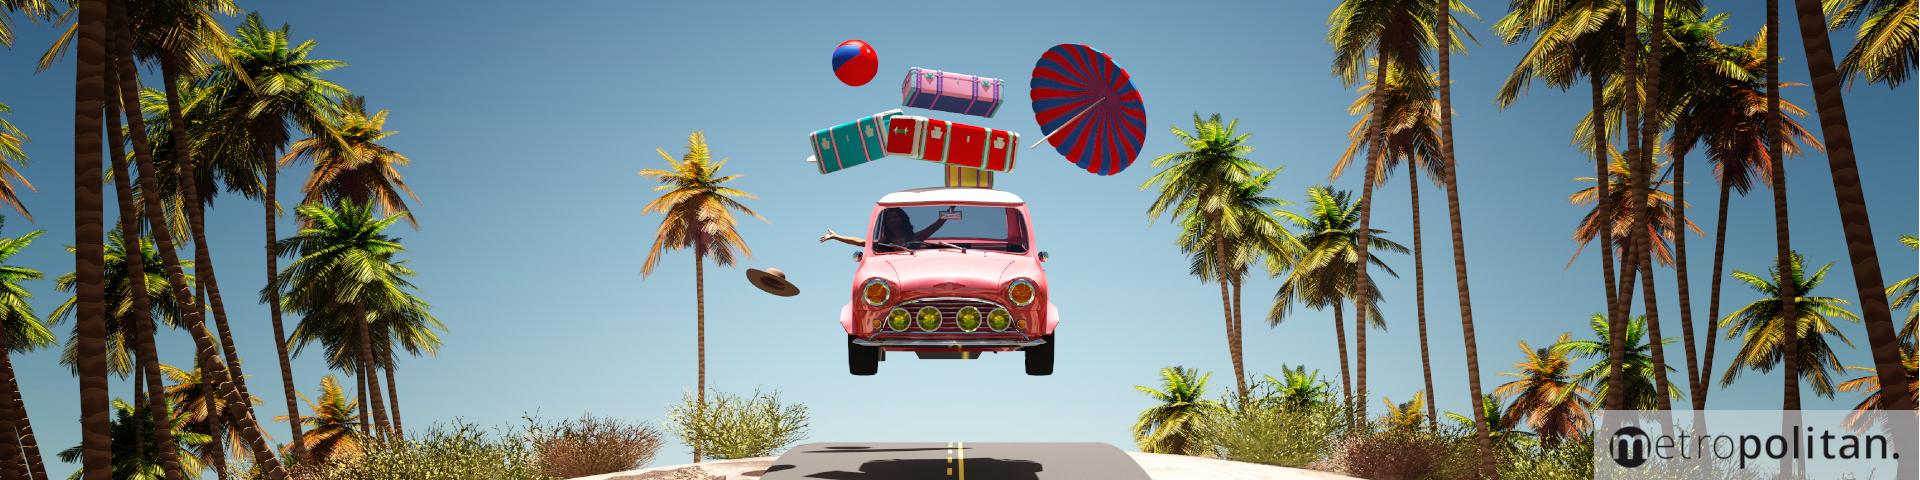 Auto im Urlaub Palmen Sommerlektüre Aktion metropolitan